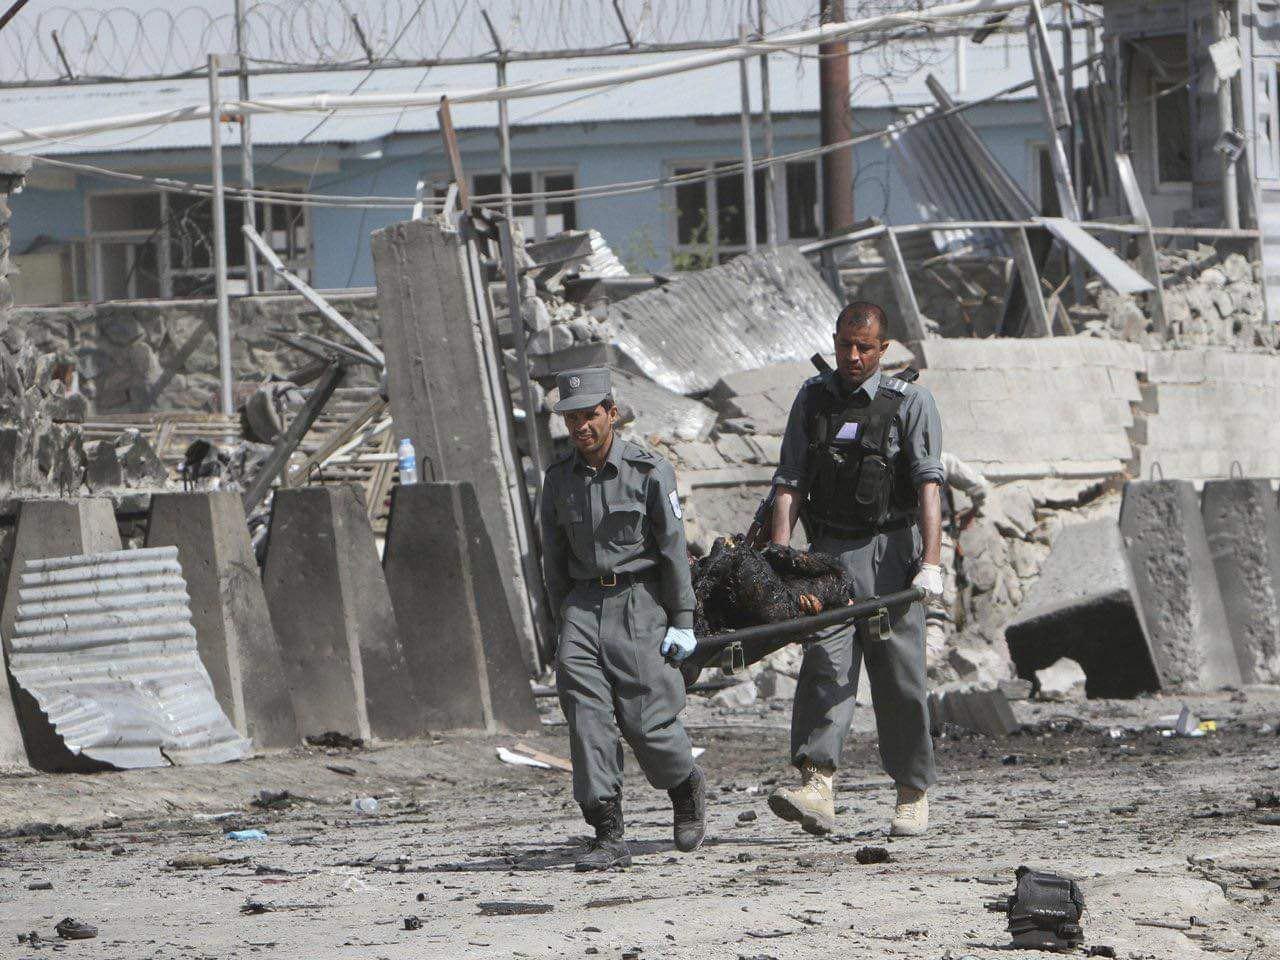 گرین ولیج 4 - کشتار مردم توسط طالبان جهت فشار به حکومت در پروسه صلح